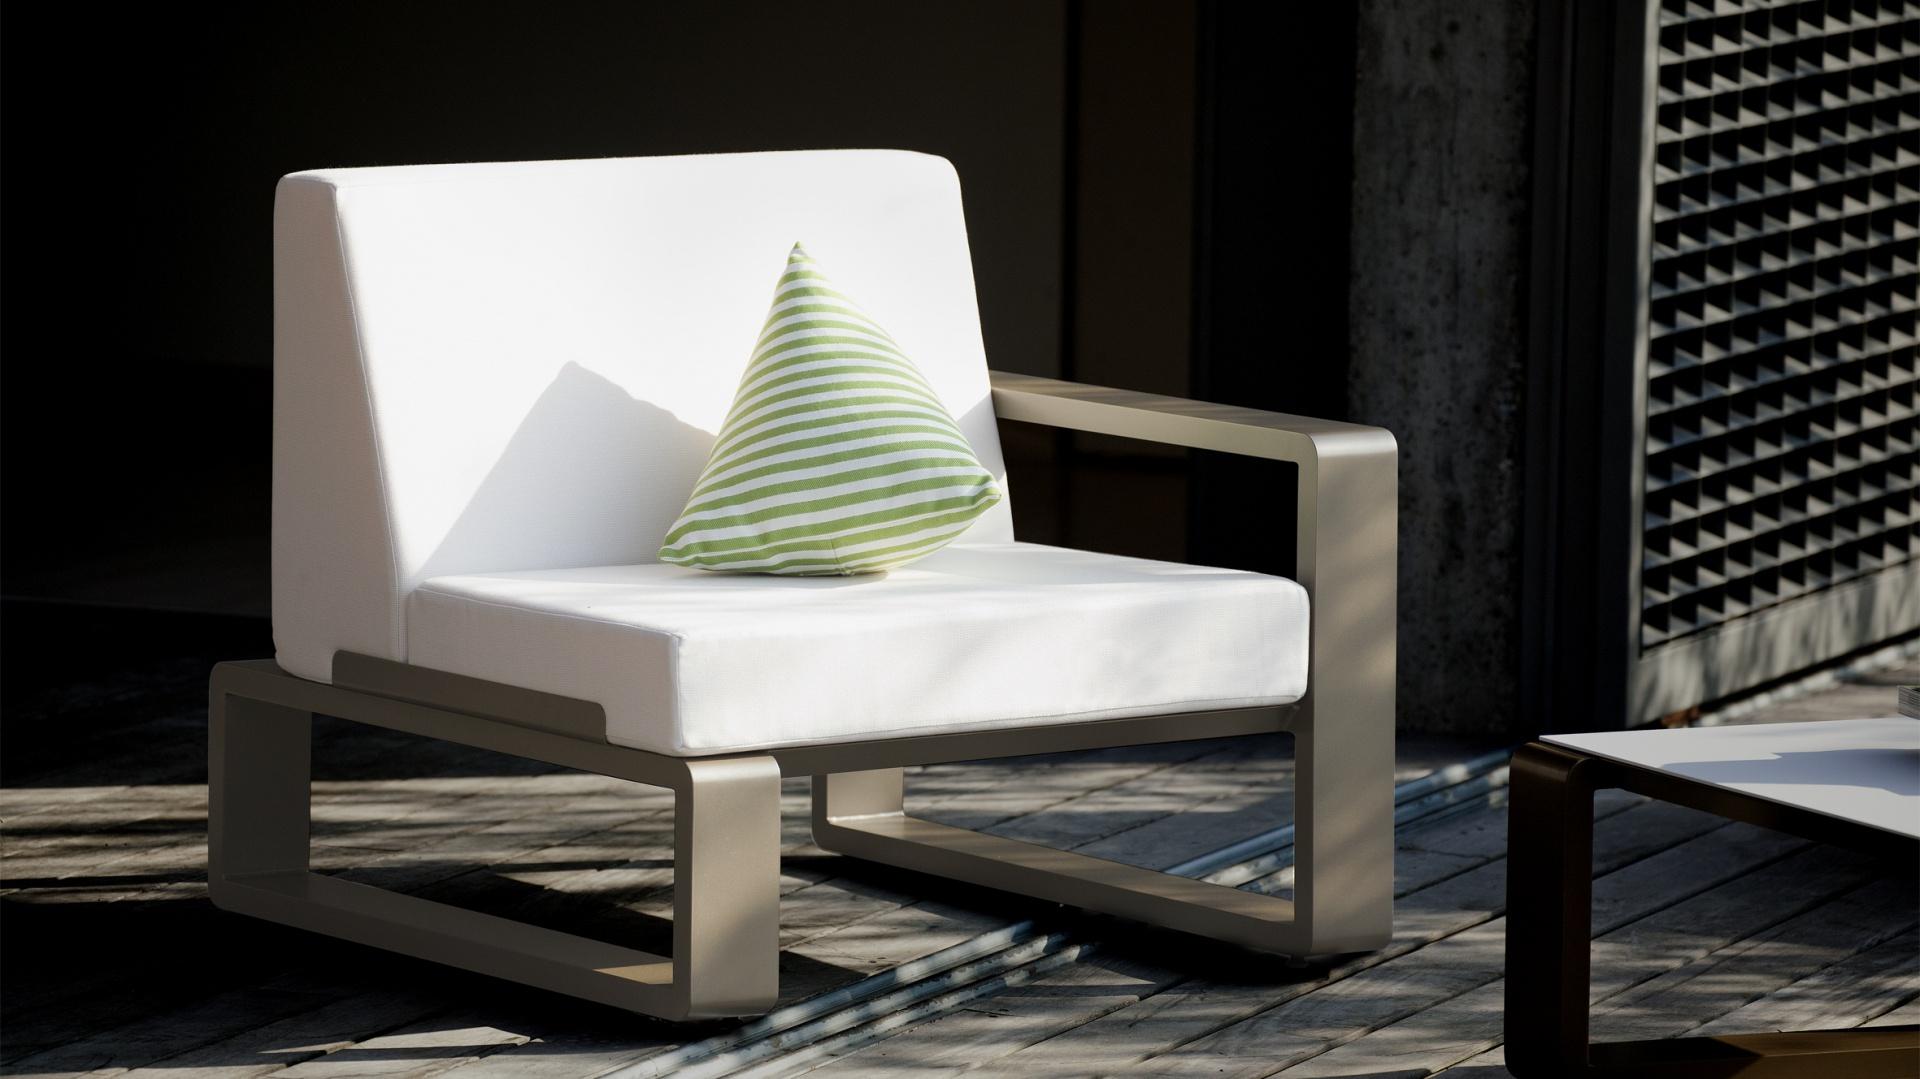 Fotel z kolekcji mebli modułowych Kama marki Ego Paris. Białe, tapicerowane siedzisko zostało osadzone w jasnobrązowej ramie o ciekawym kształcie. Fot. Ego Paris.